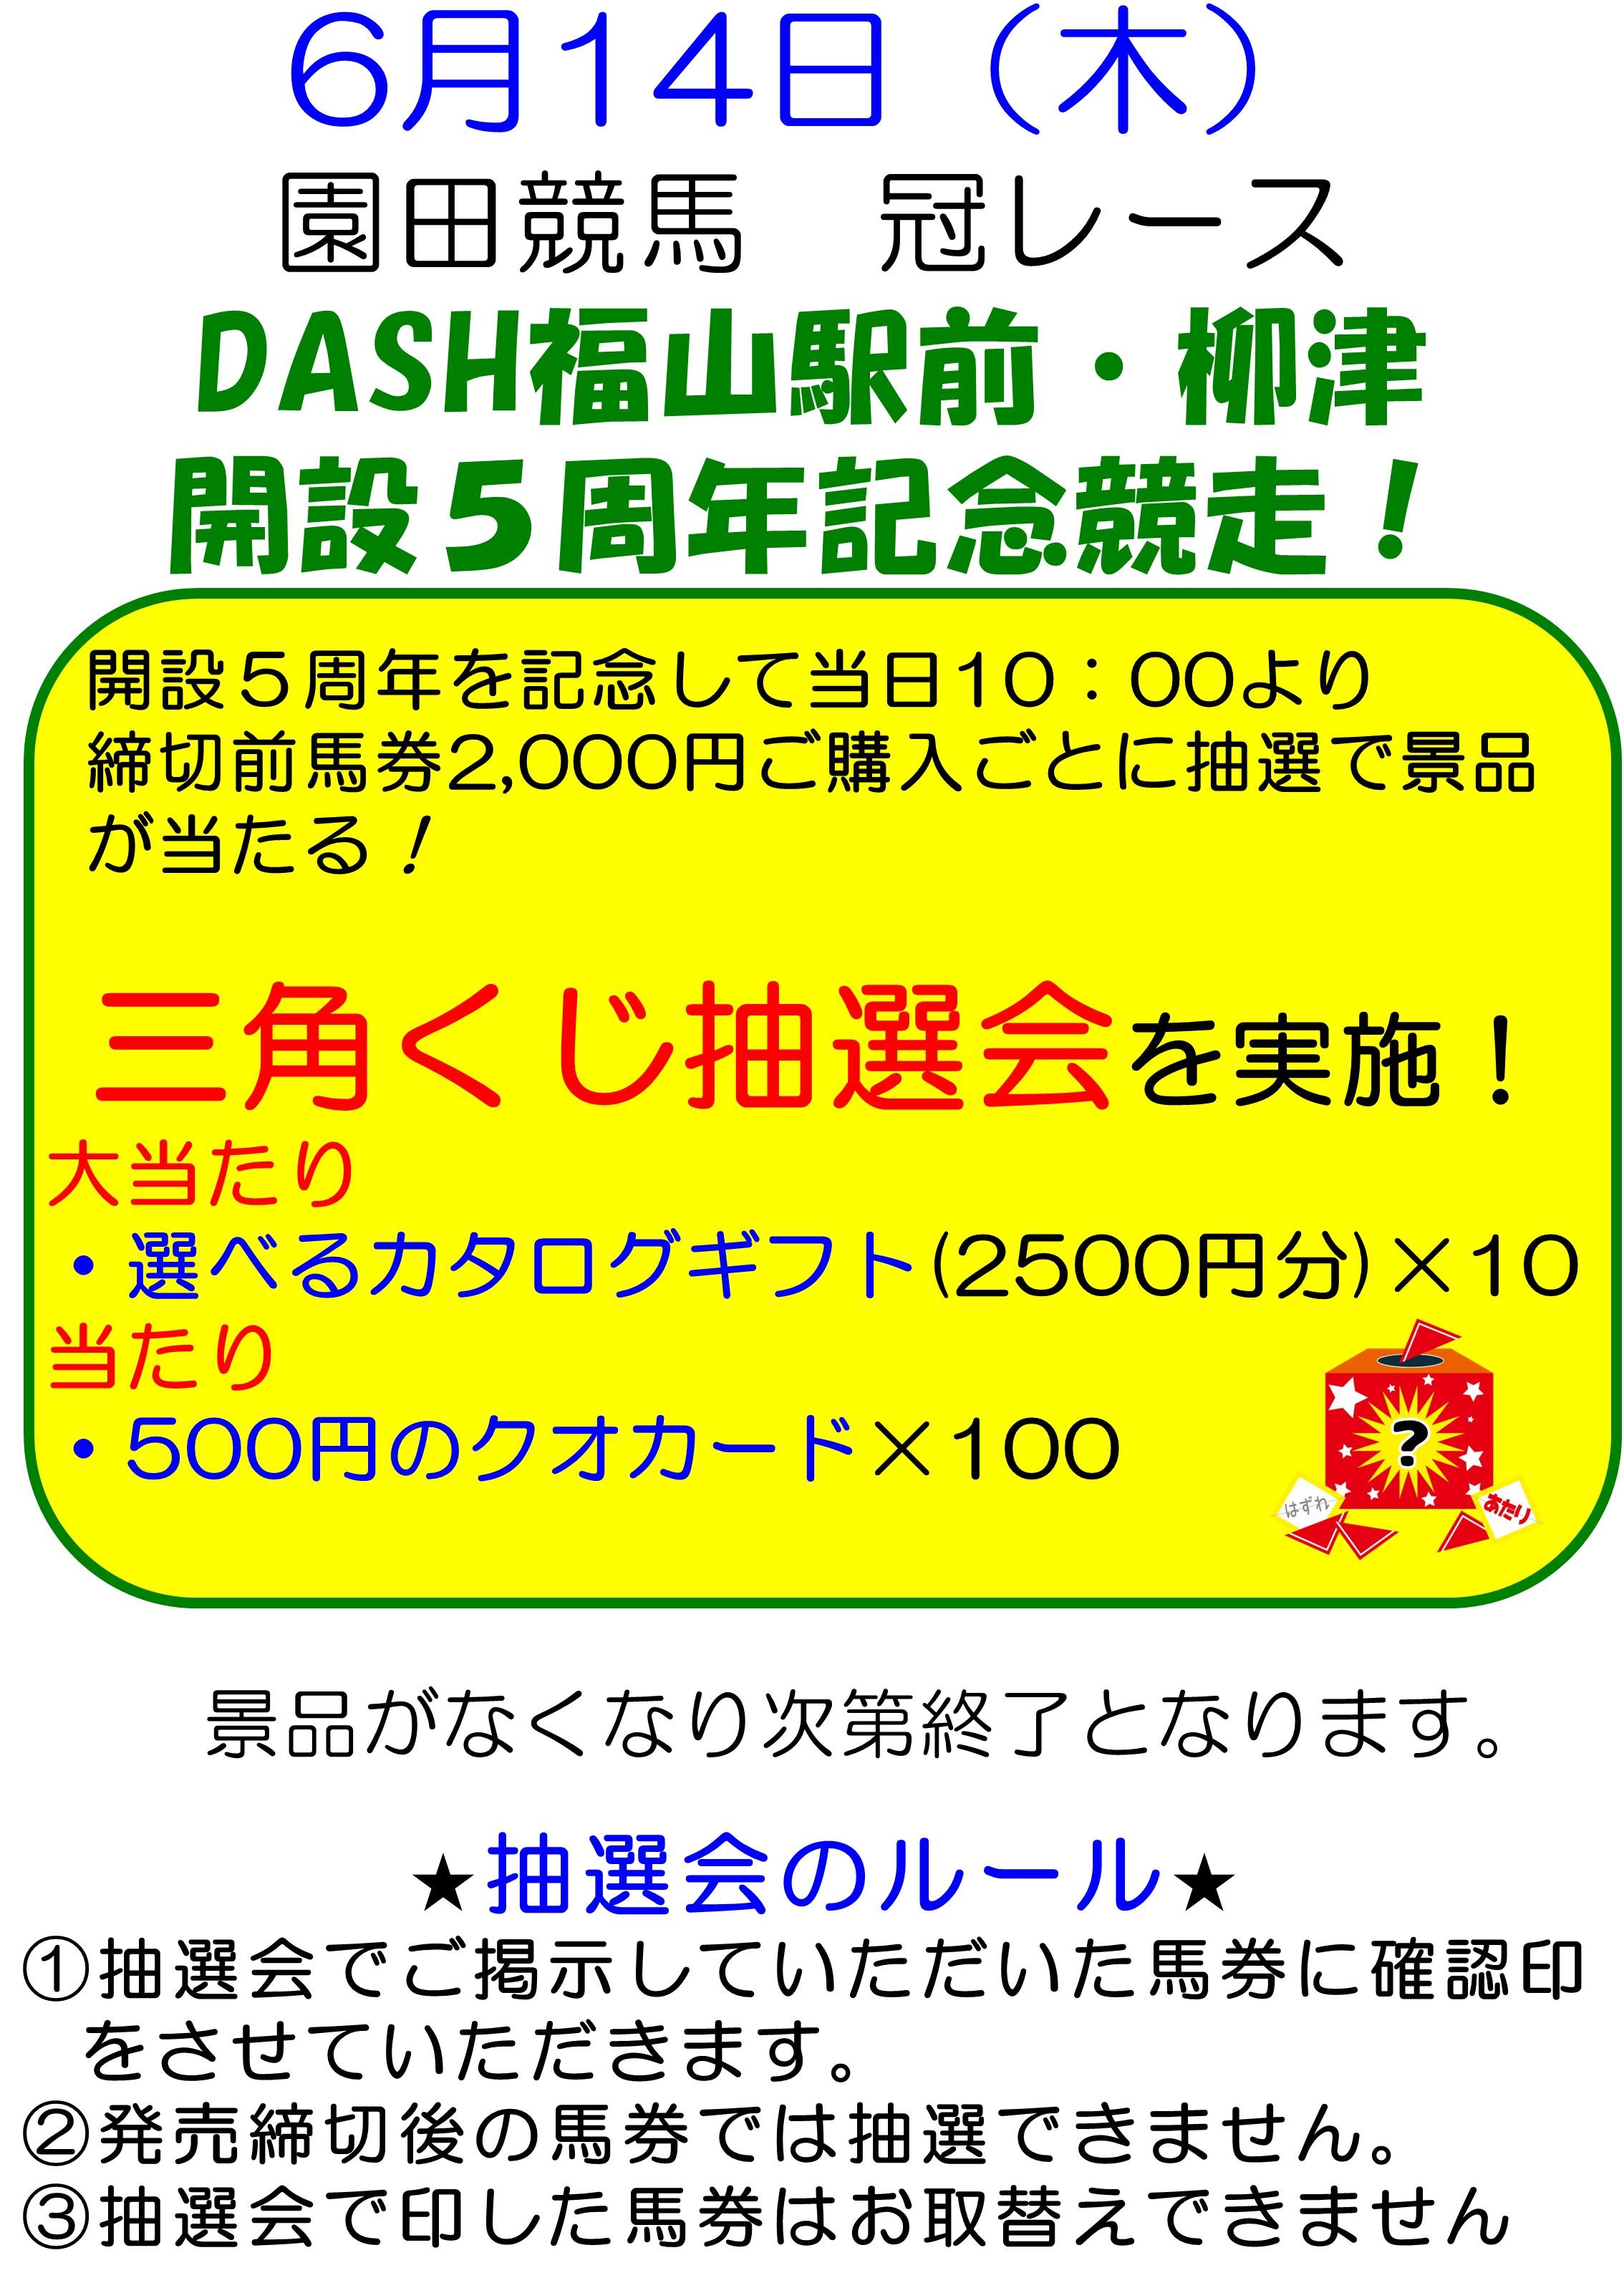 「ダッシュ福山」から解説5周年記念イベントのお知らせ